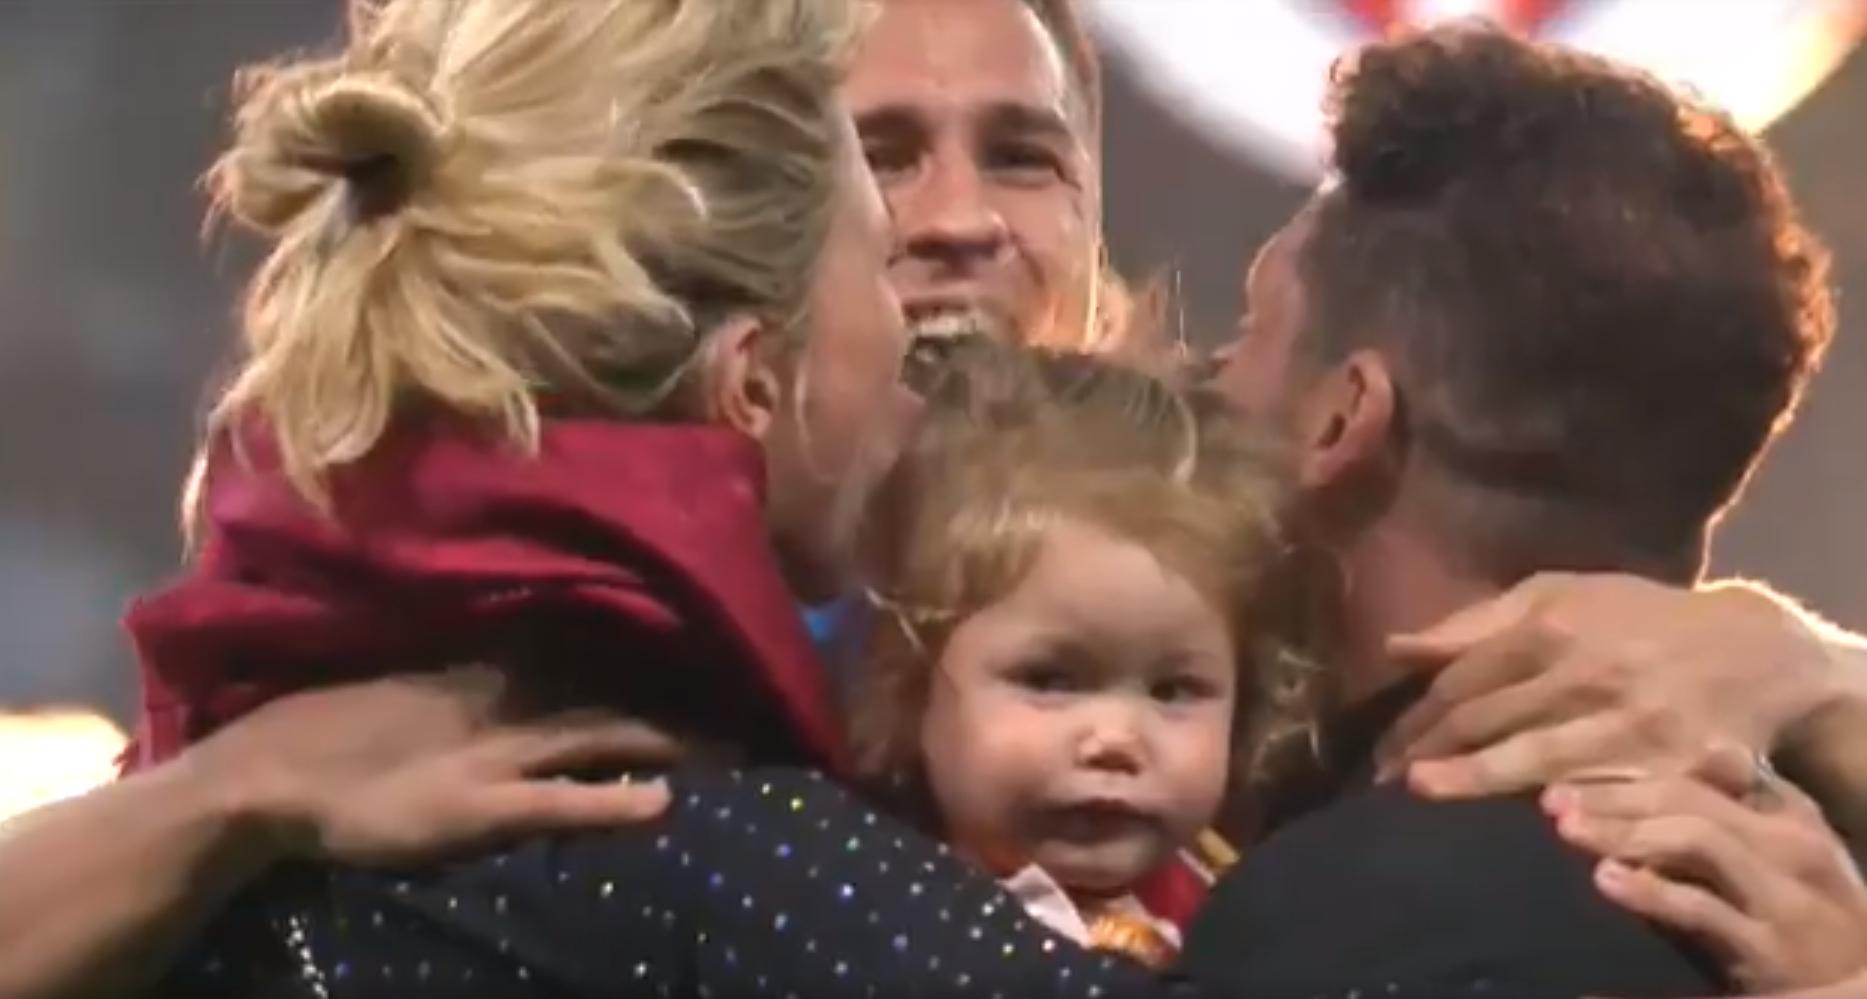 Nem az Atlético Madrid, hanem Simeone mester lassított felvételen ugráló kislánya nyerte meg az Európa Liga döntőjét